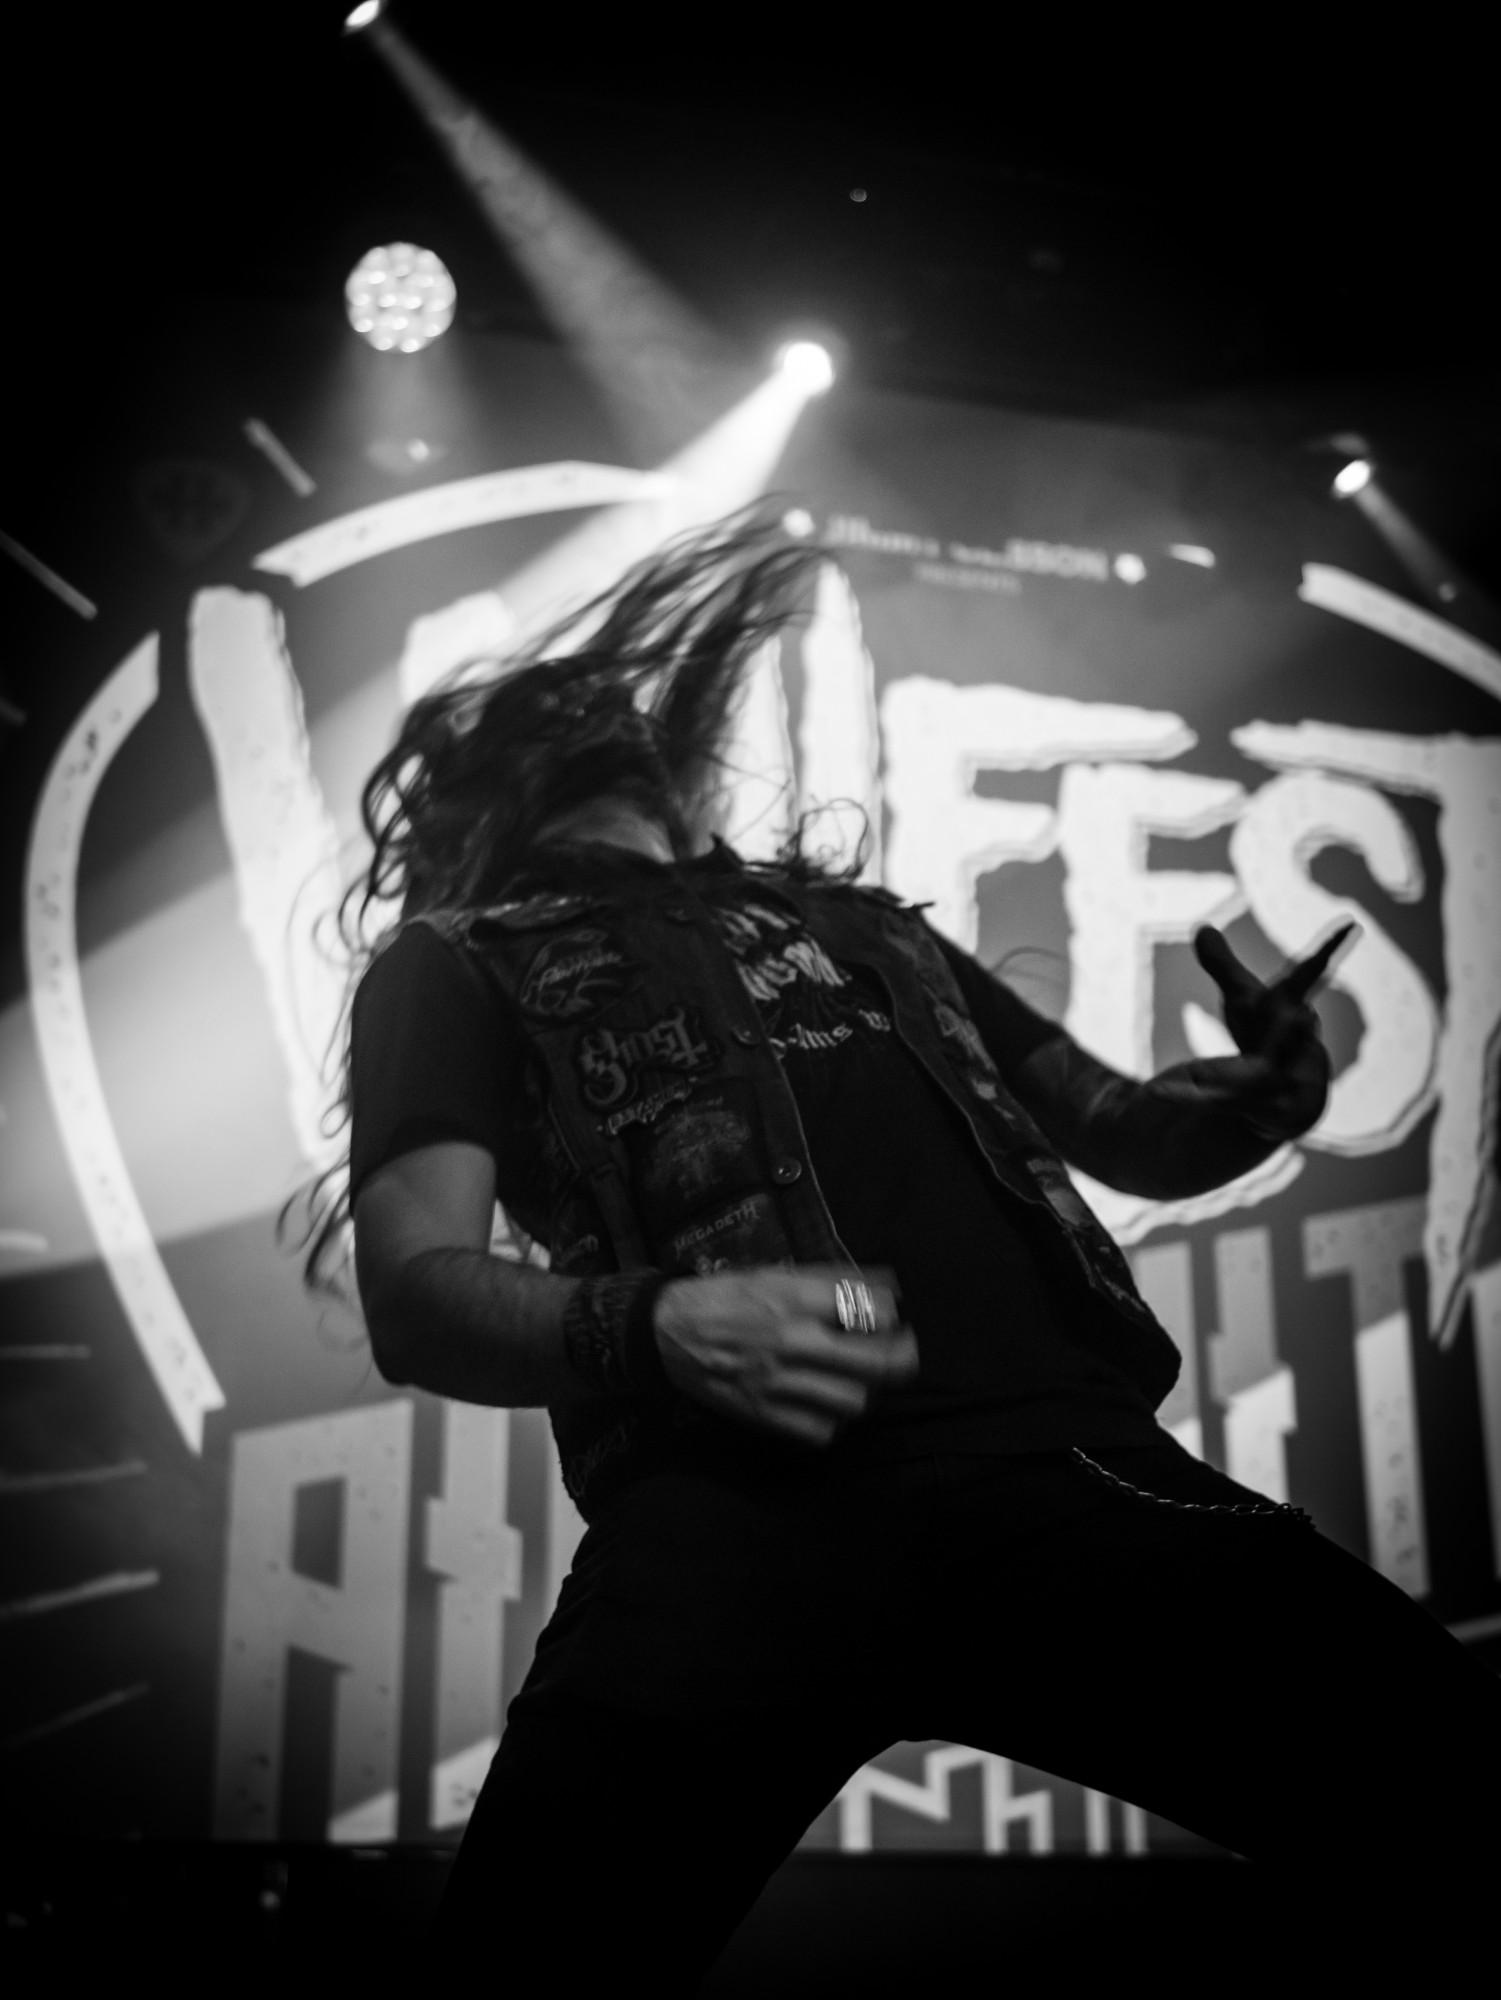 Concours de Air Guitar, Hellfest Warm Up Tour 2k18